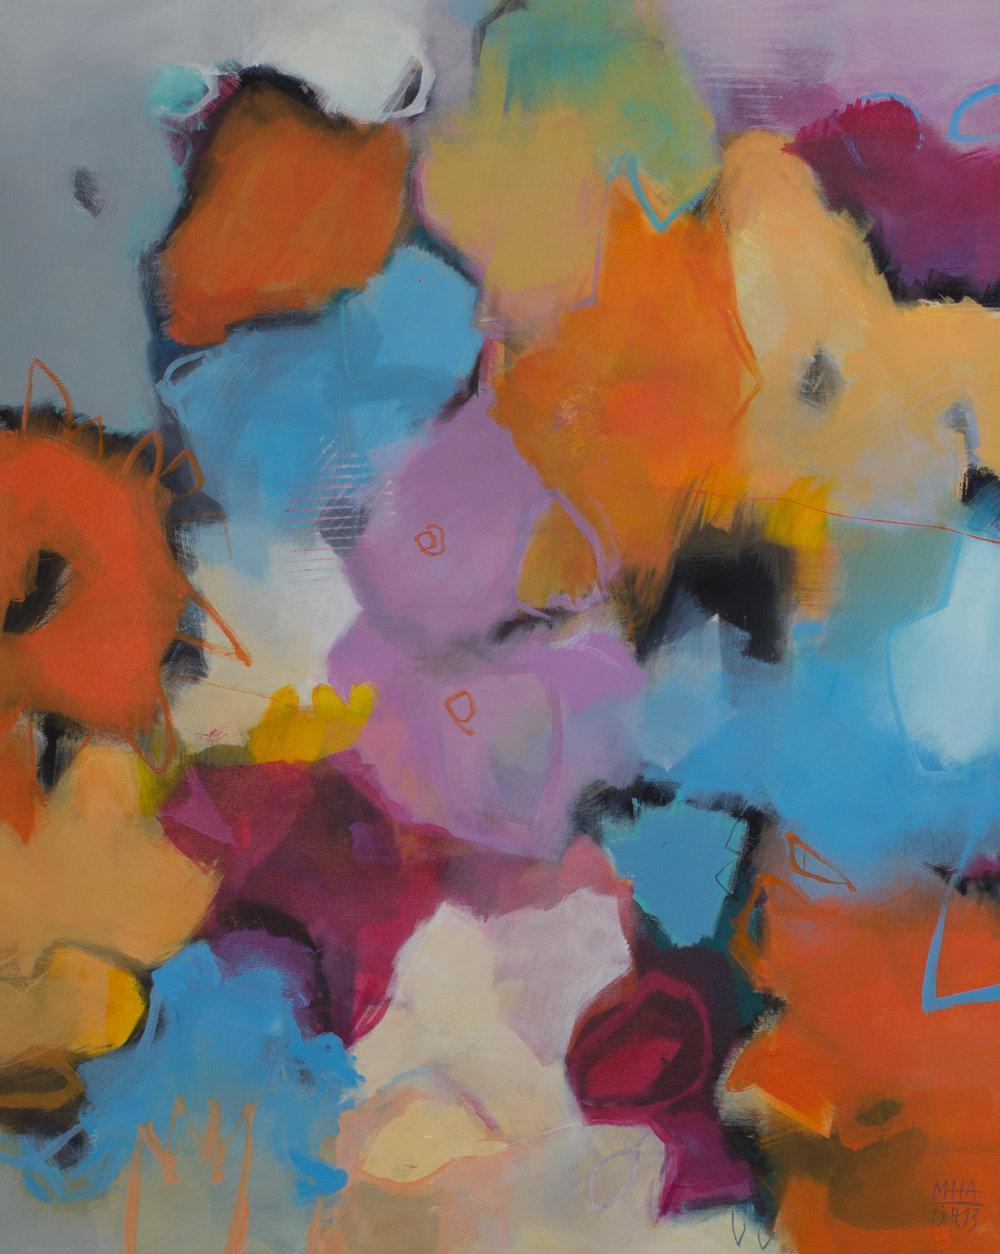 Bunt Nr. 3 , 2013,Acryl auf Leinwand, 80x100 cm